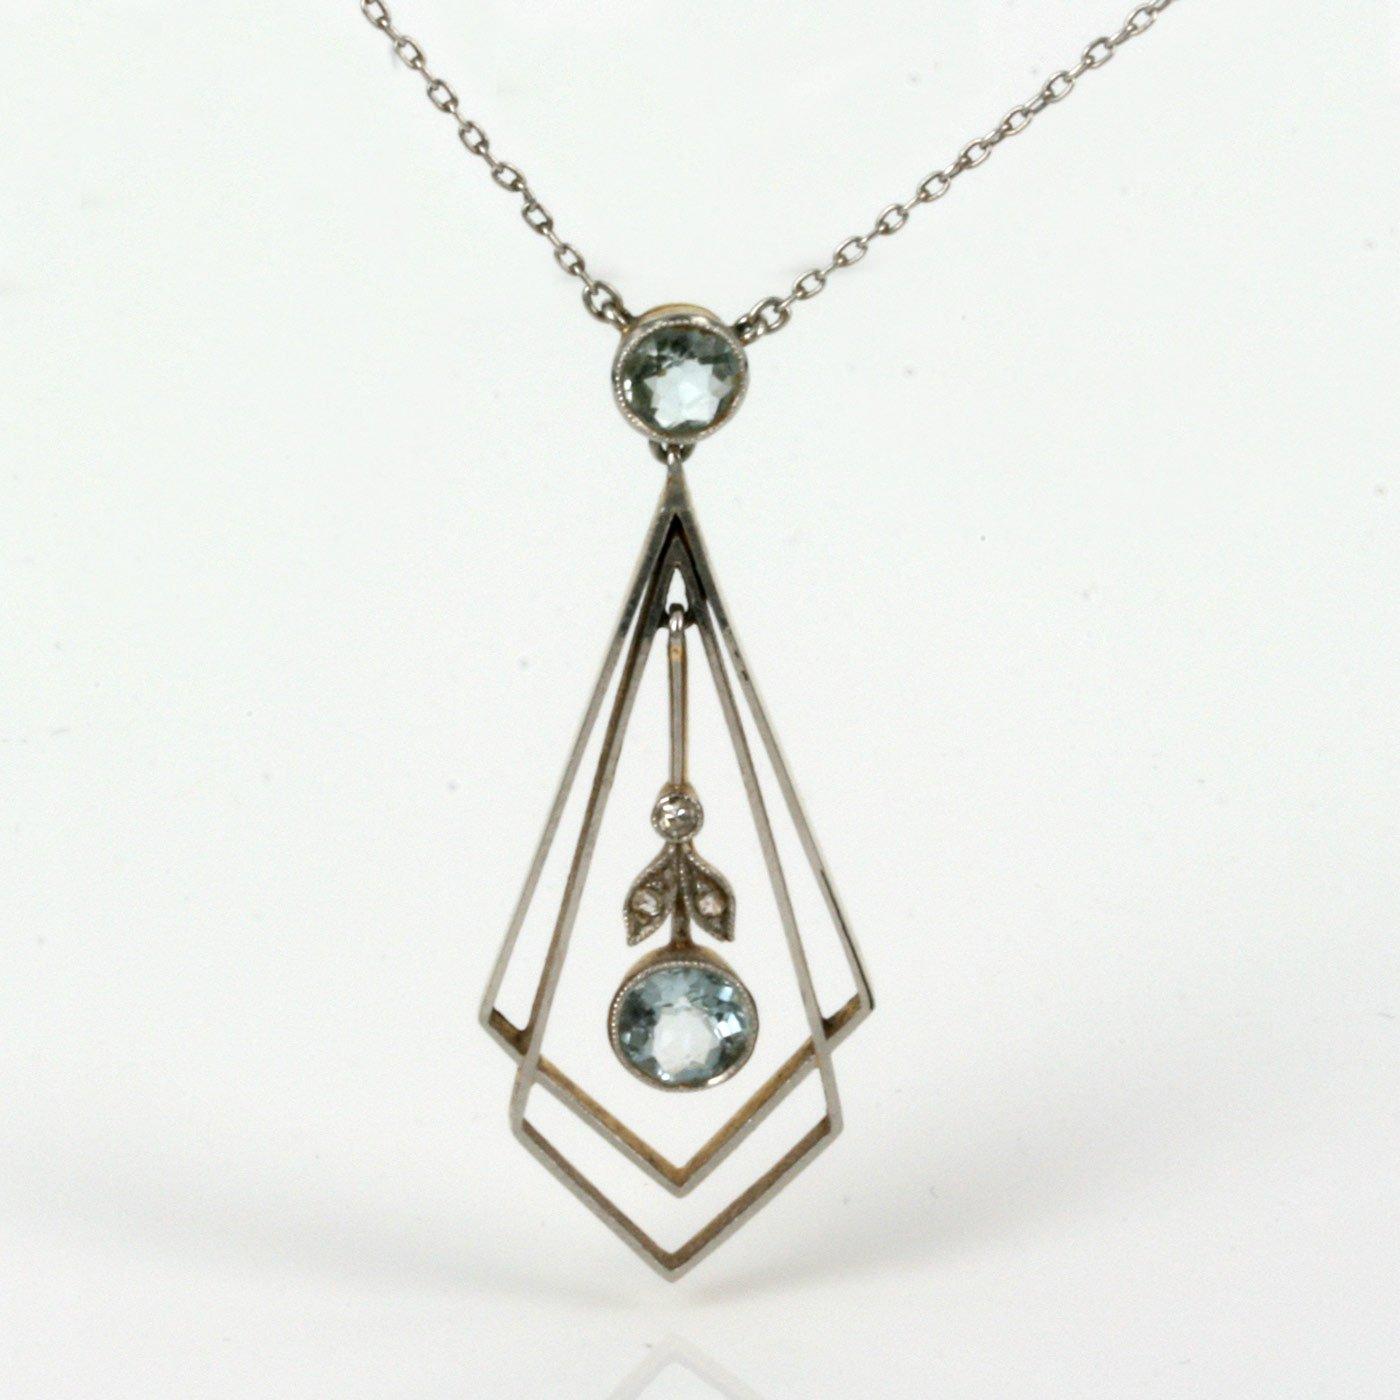 Buy 18ct platinum art deco aquamarine pendant sold items sold 18ct platinum art deco aquamarine pendant mozeypictures Choice Image